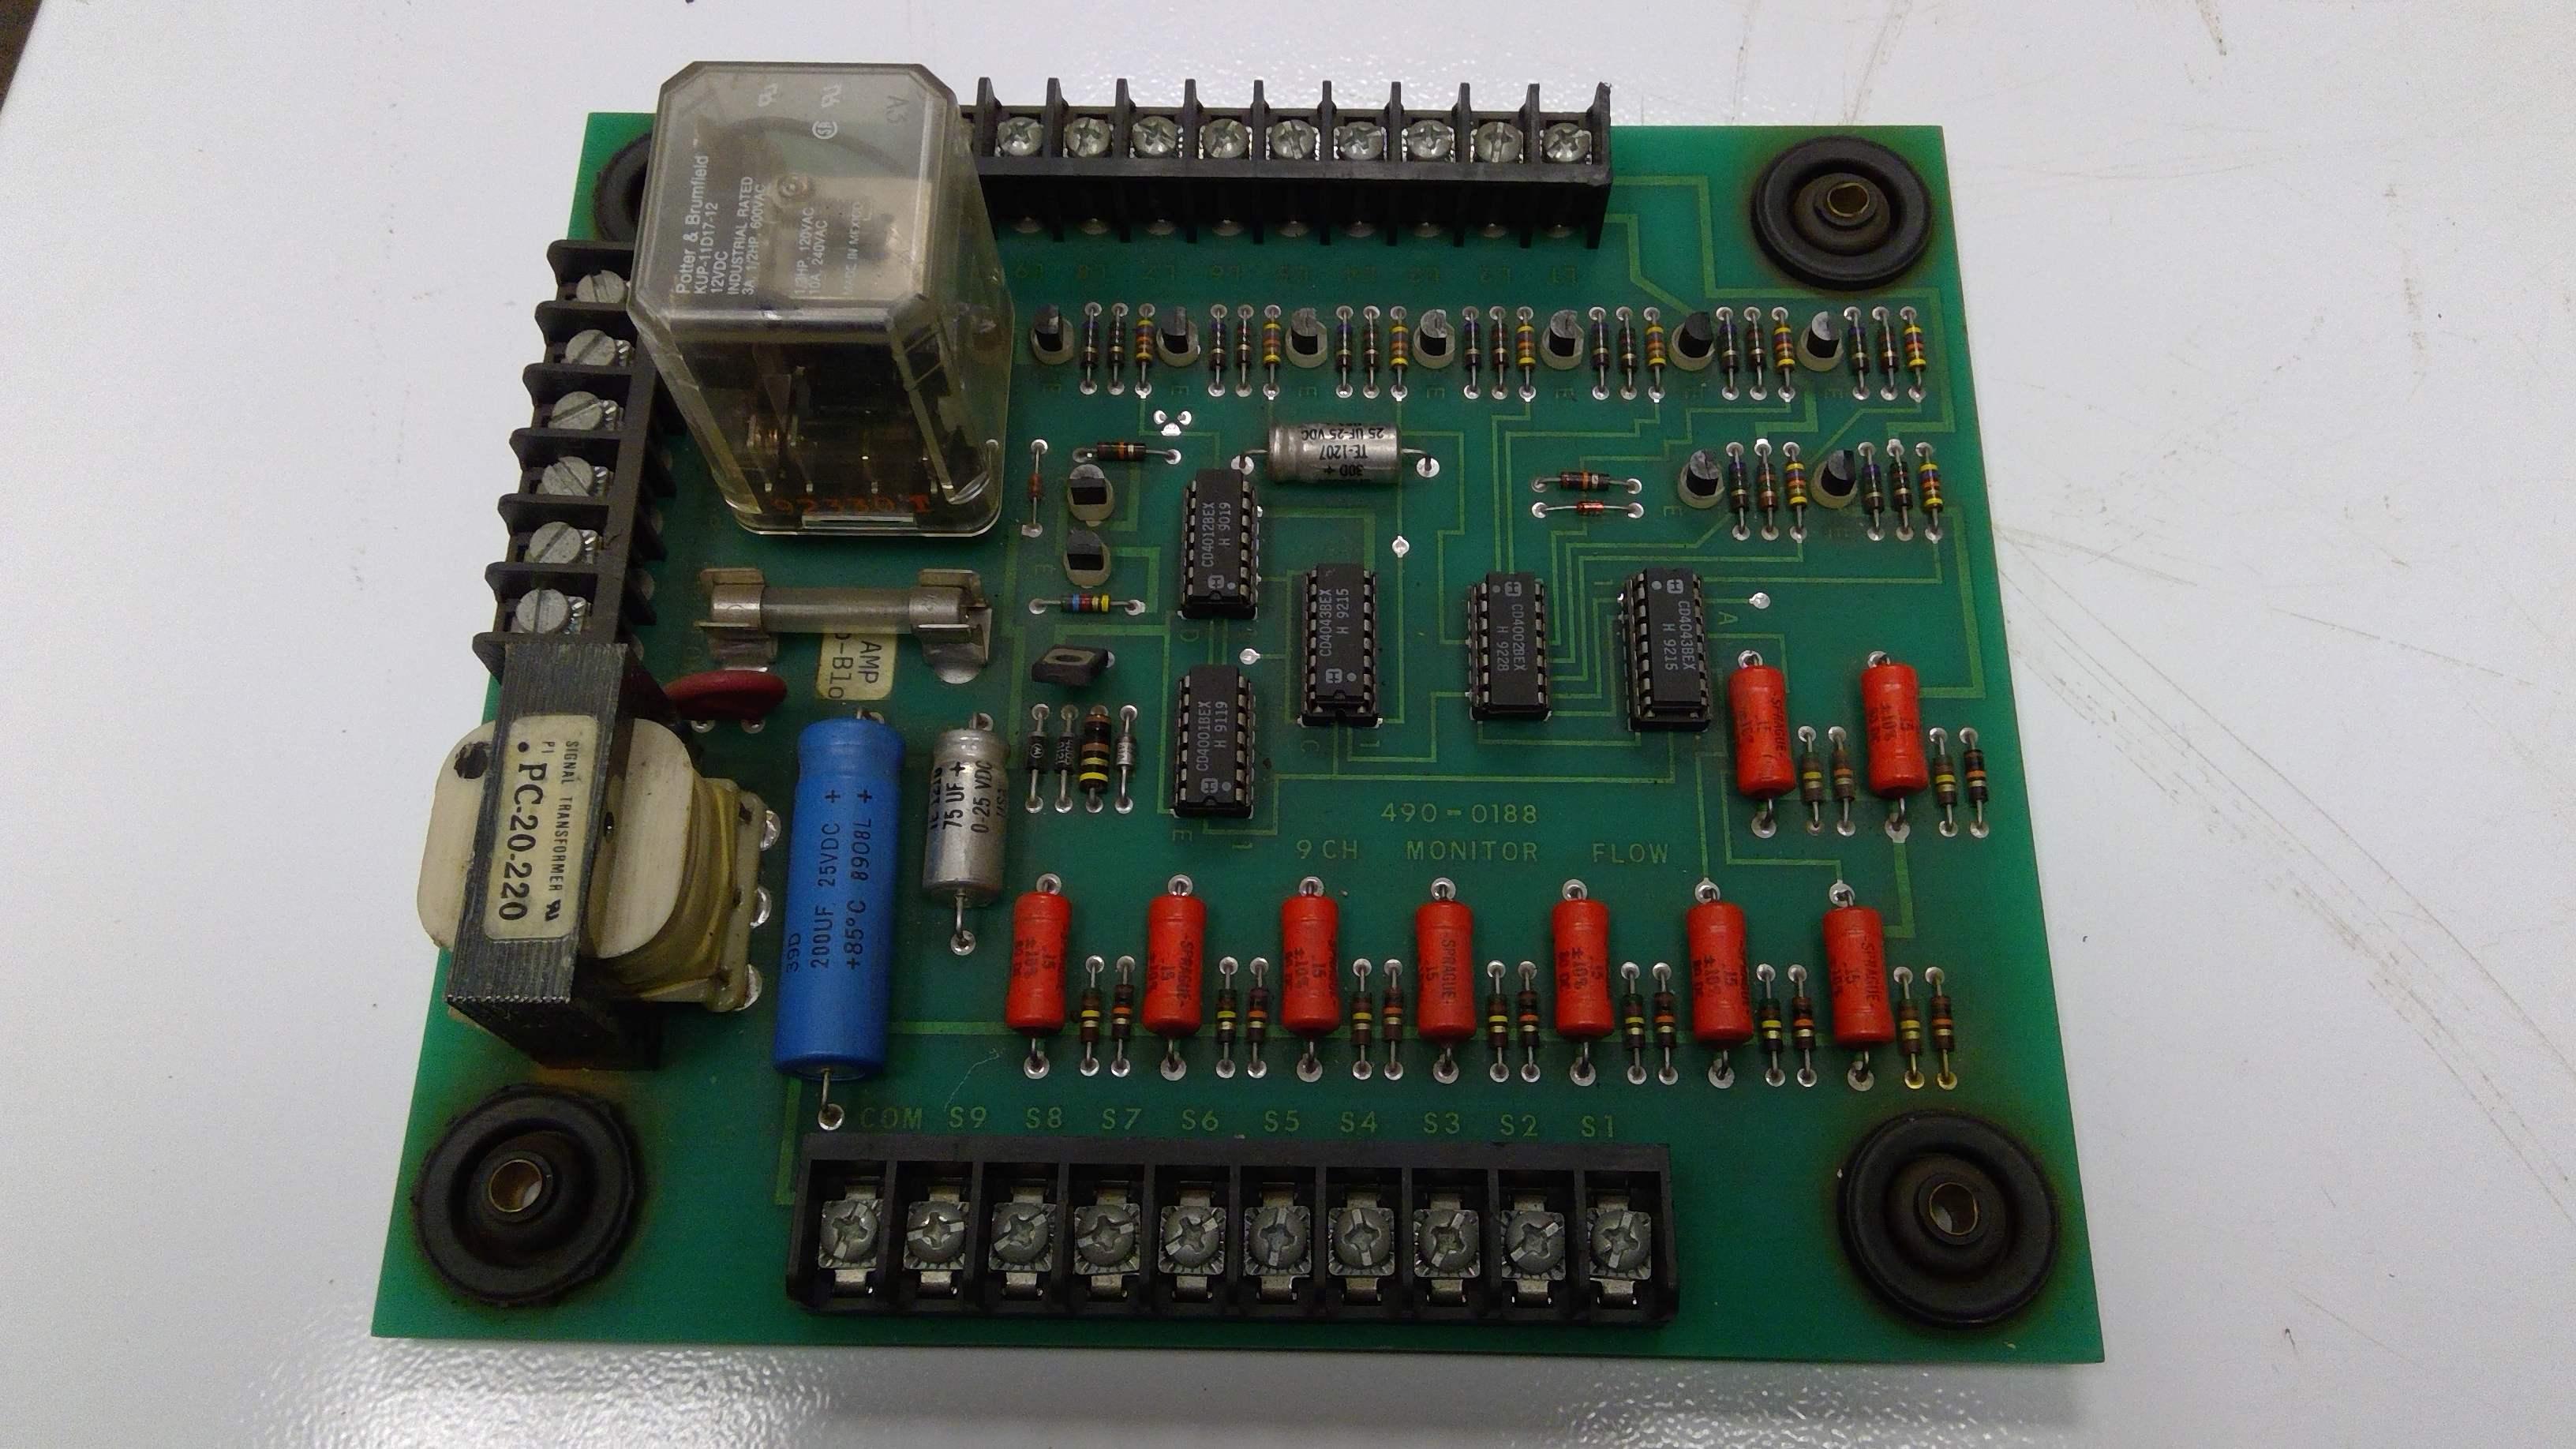 MINSTER 490-0188 FLOW MONITOR BOARD